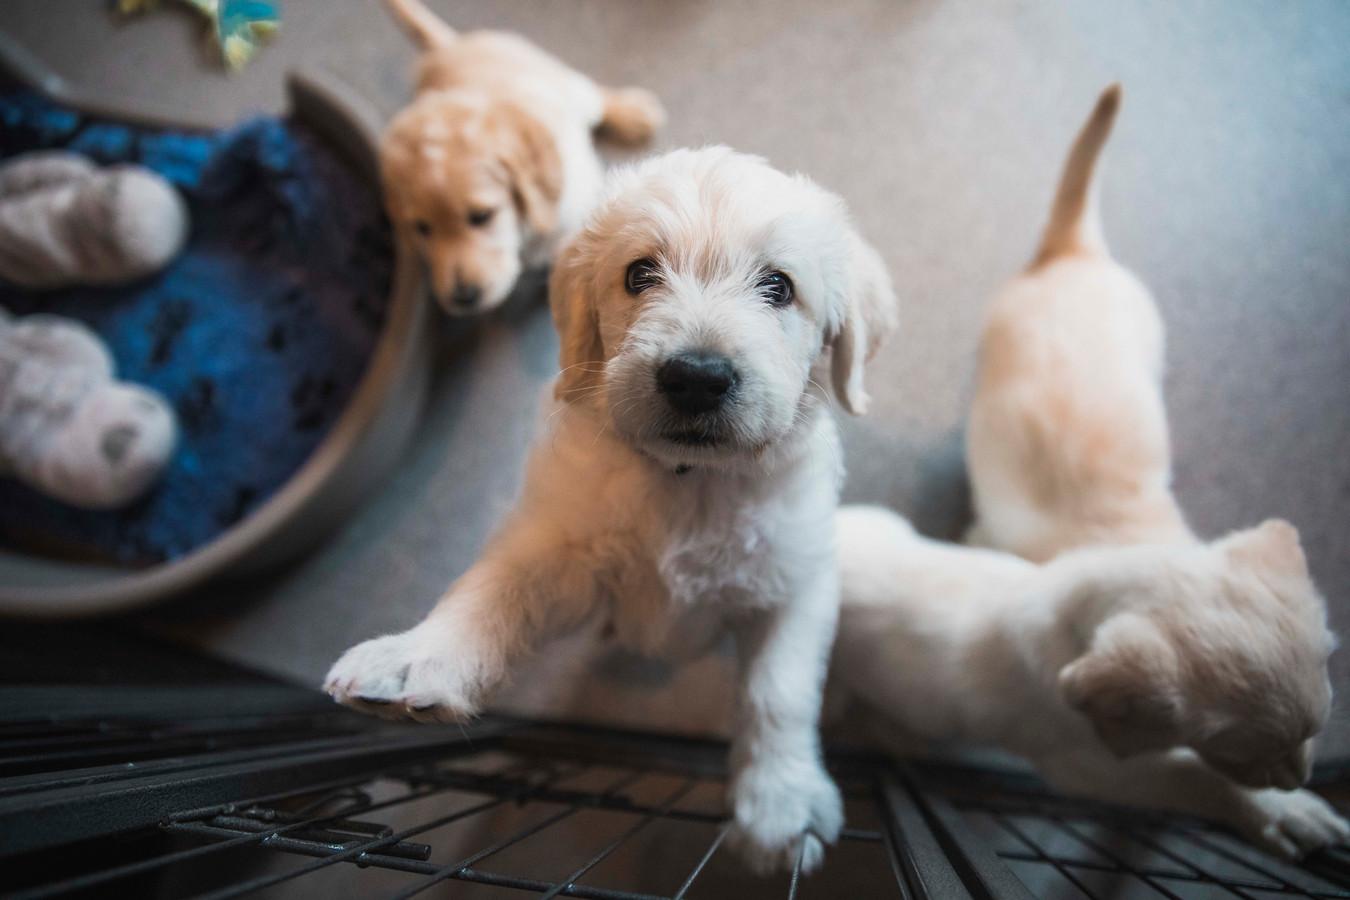 Het centrum is dringend op zoek naar pleeggezinnen, onder meer om puppy's op te vangen.